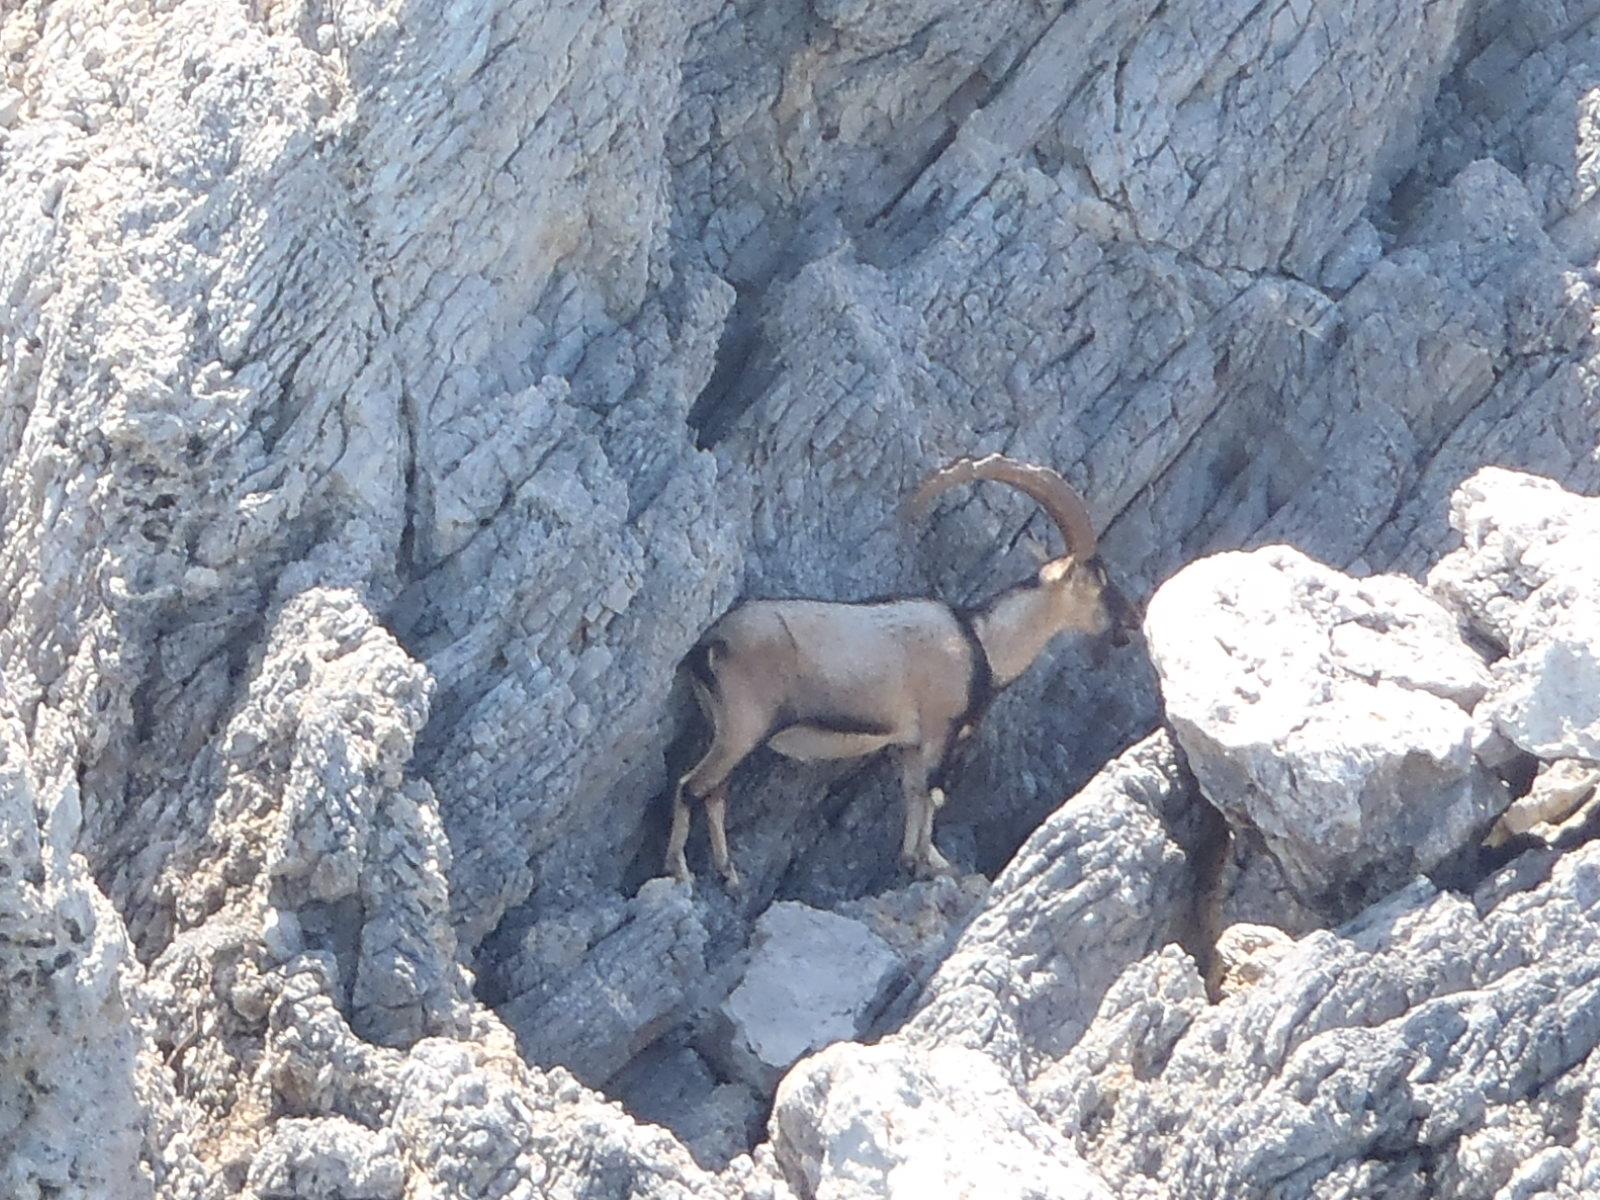 Ram on mountain